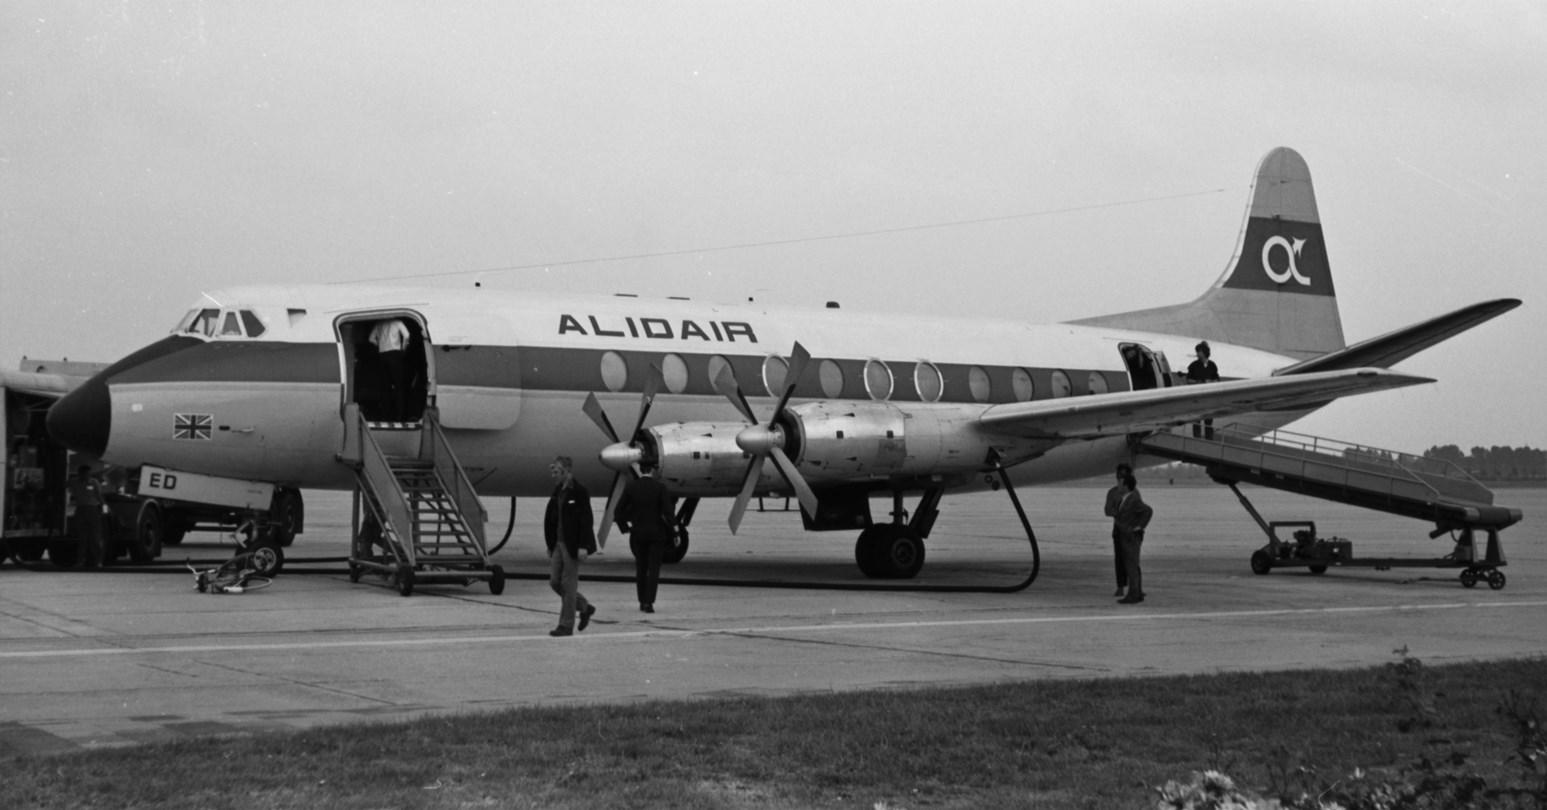 Naam: 20. G-ASED Vickers 806 Viscount, Alidair.jpg Bekeken: 1118 Grootte: 184,4 KB